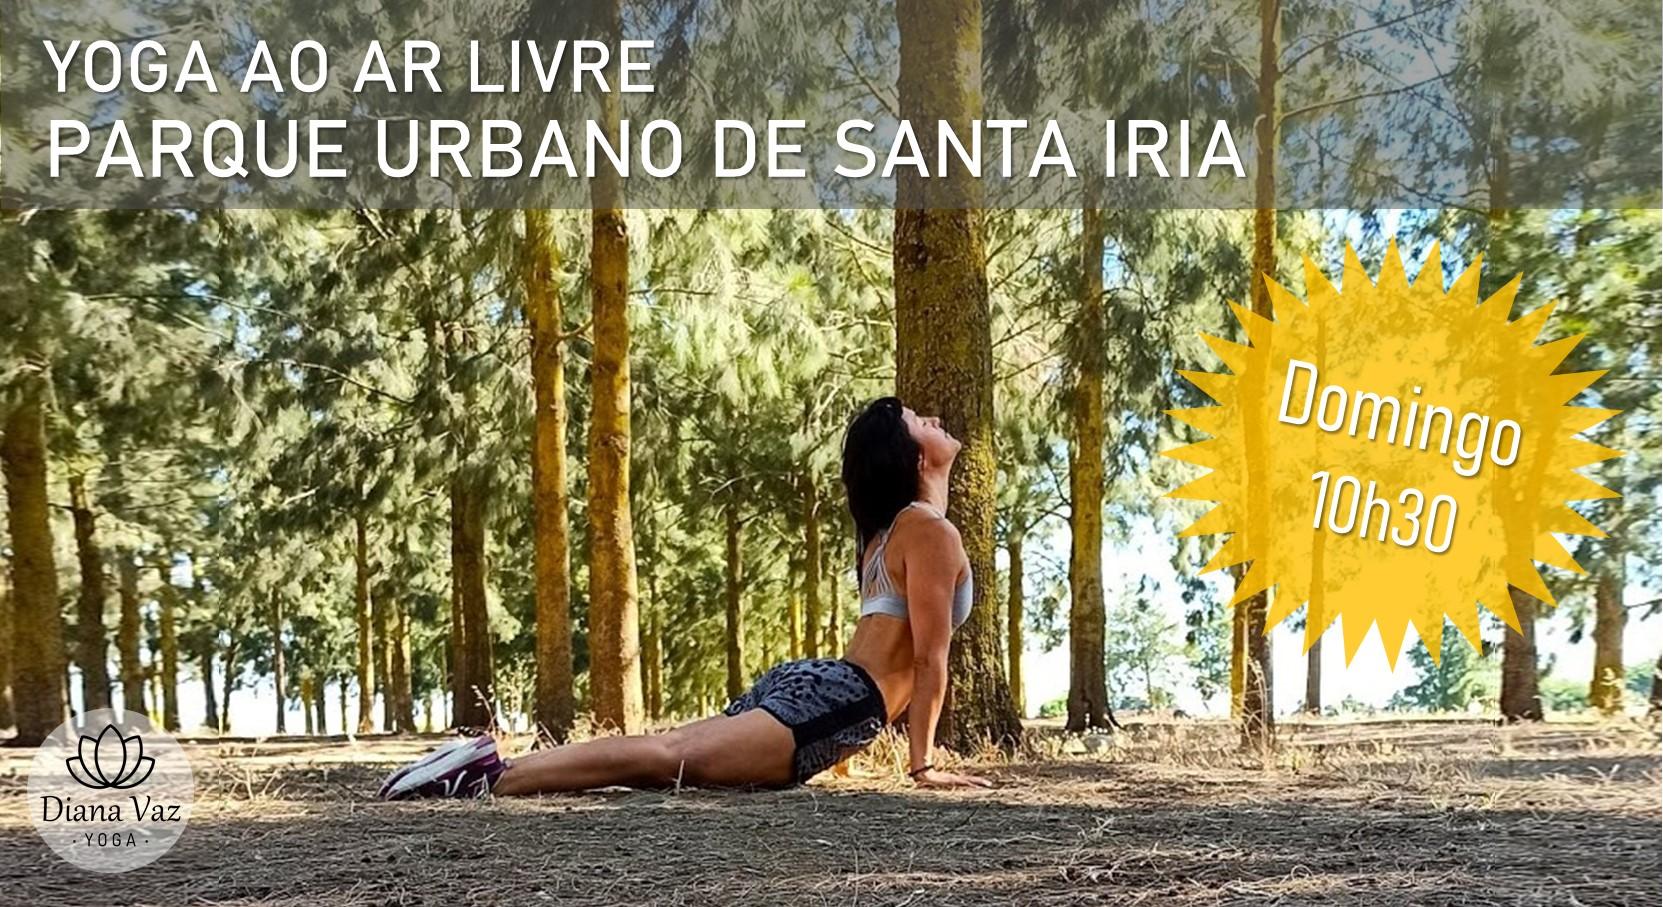 Yoga ao Ar Livre no Parque Urbano de Santa Iria